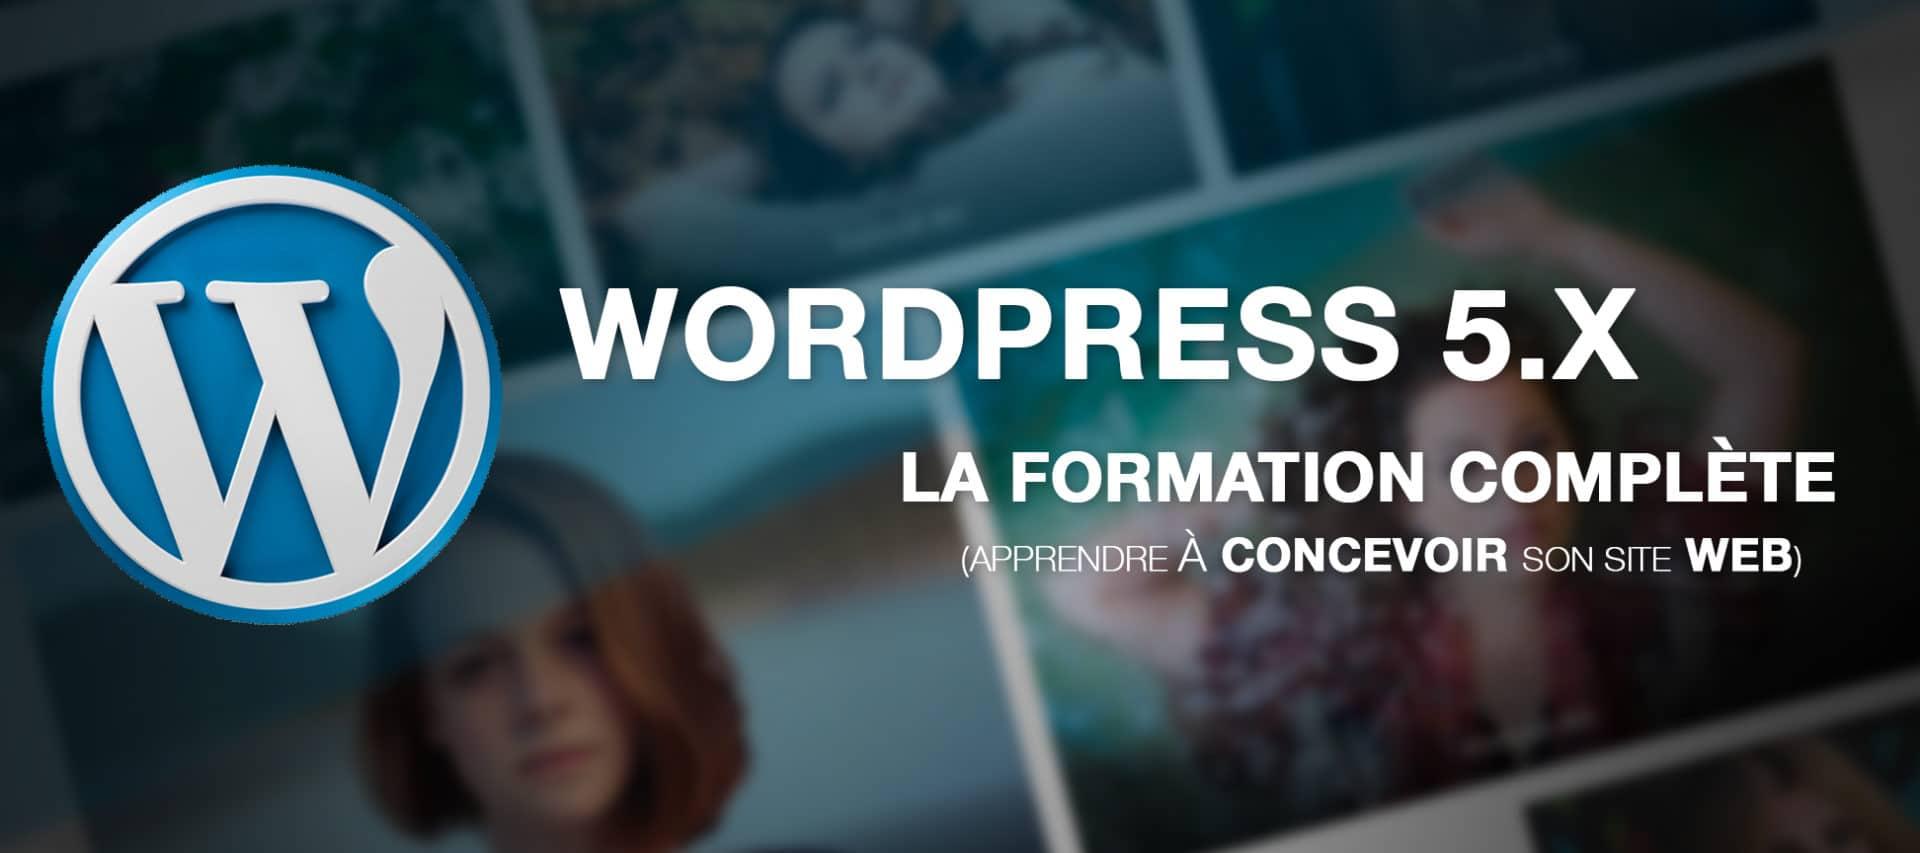 Visuel Wordpress 5.x la formation complète